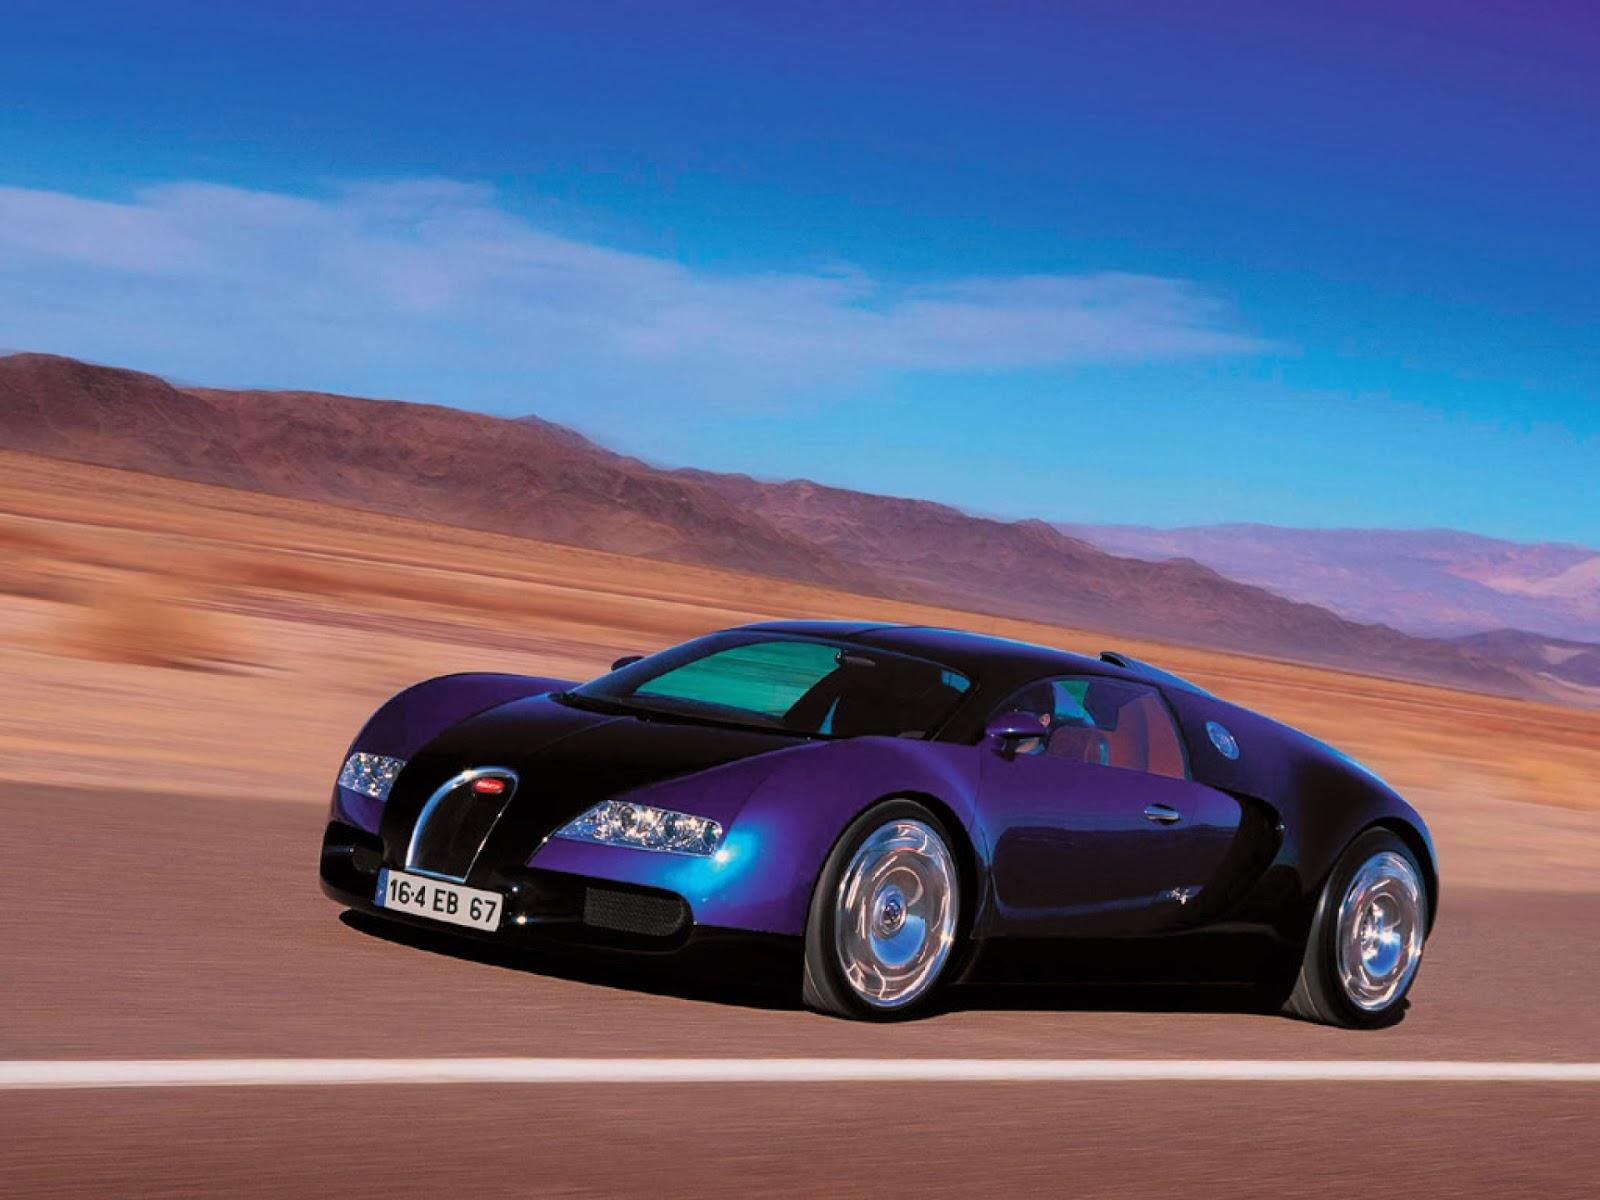 Bugatti Veyron Exotic Car Wallpaper Download The Bugatti1080 1600x1200